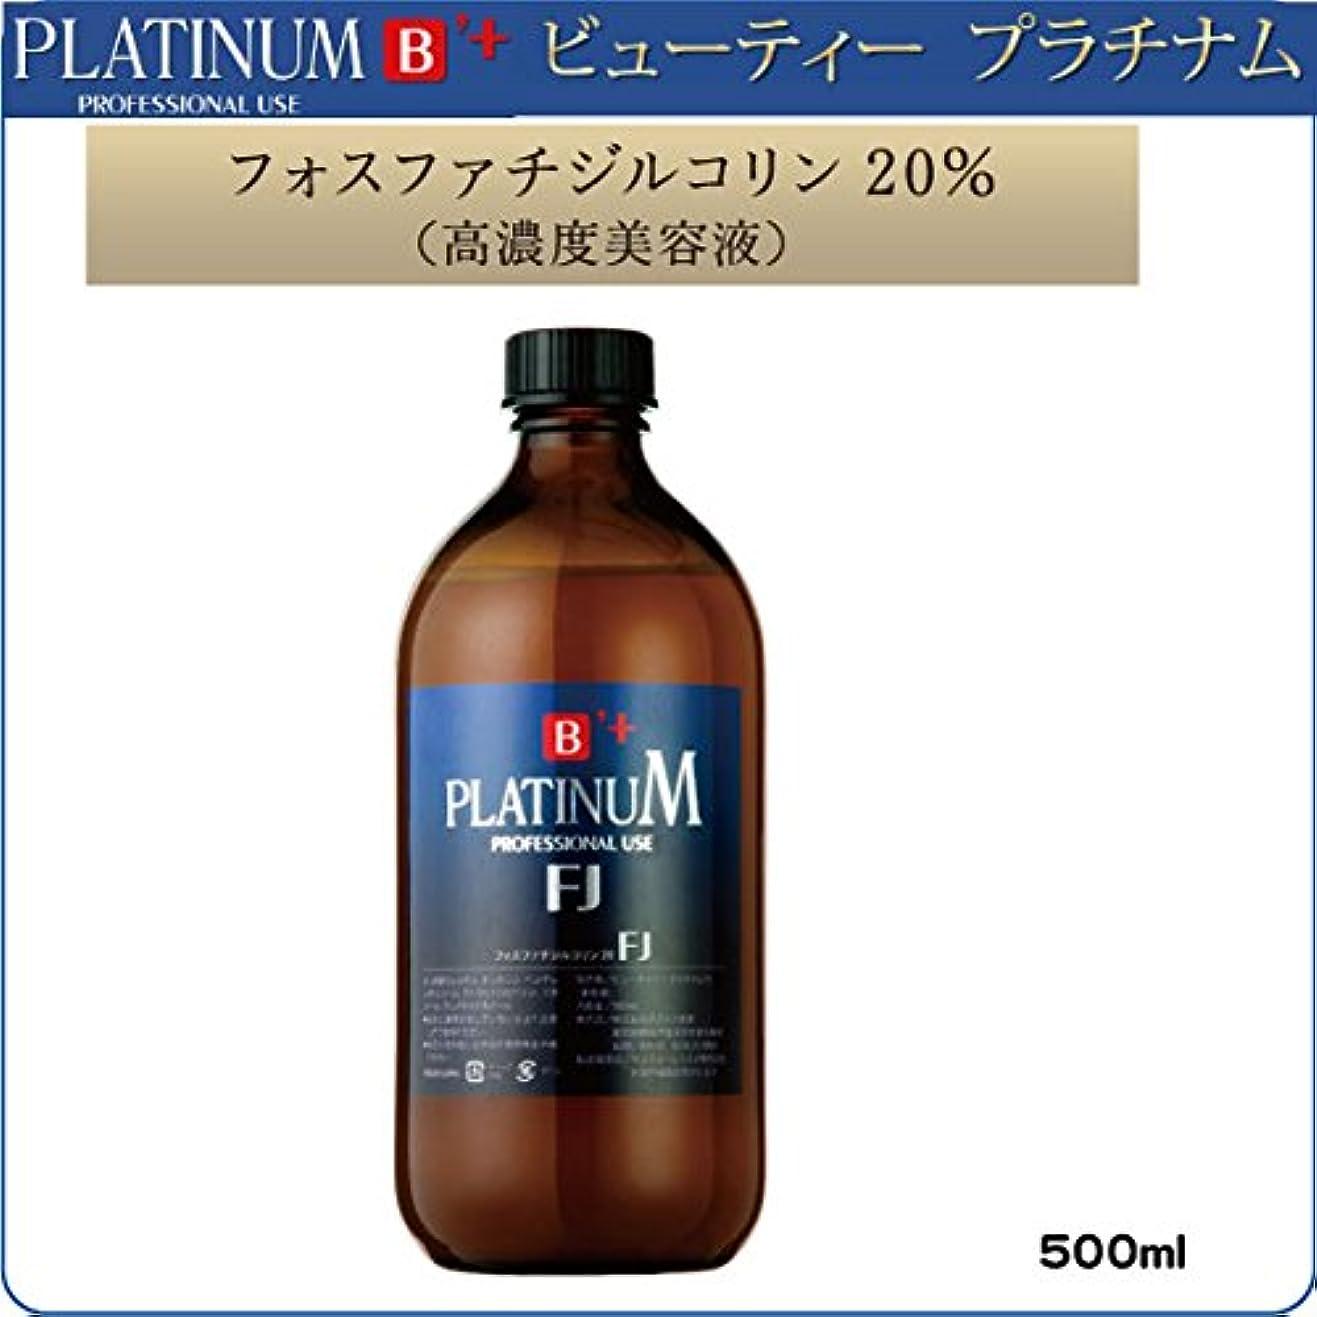 失効インスタントゴージャス【ビューティー プラチナム】 PLATINUM B'+  フォスファチジルコリン20%高濃度美容液  痩身専用:500ml